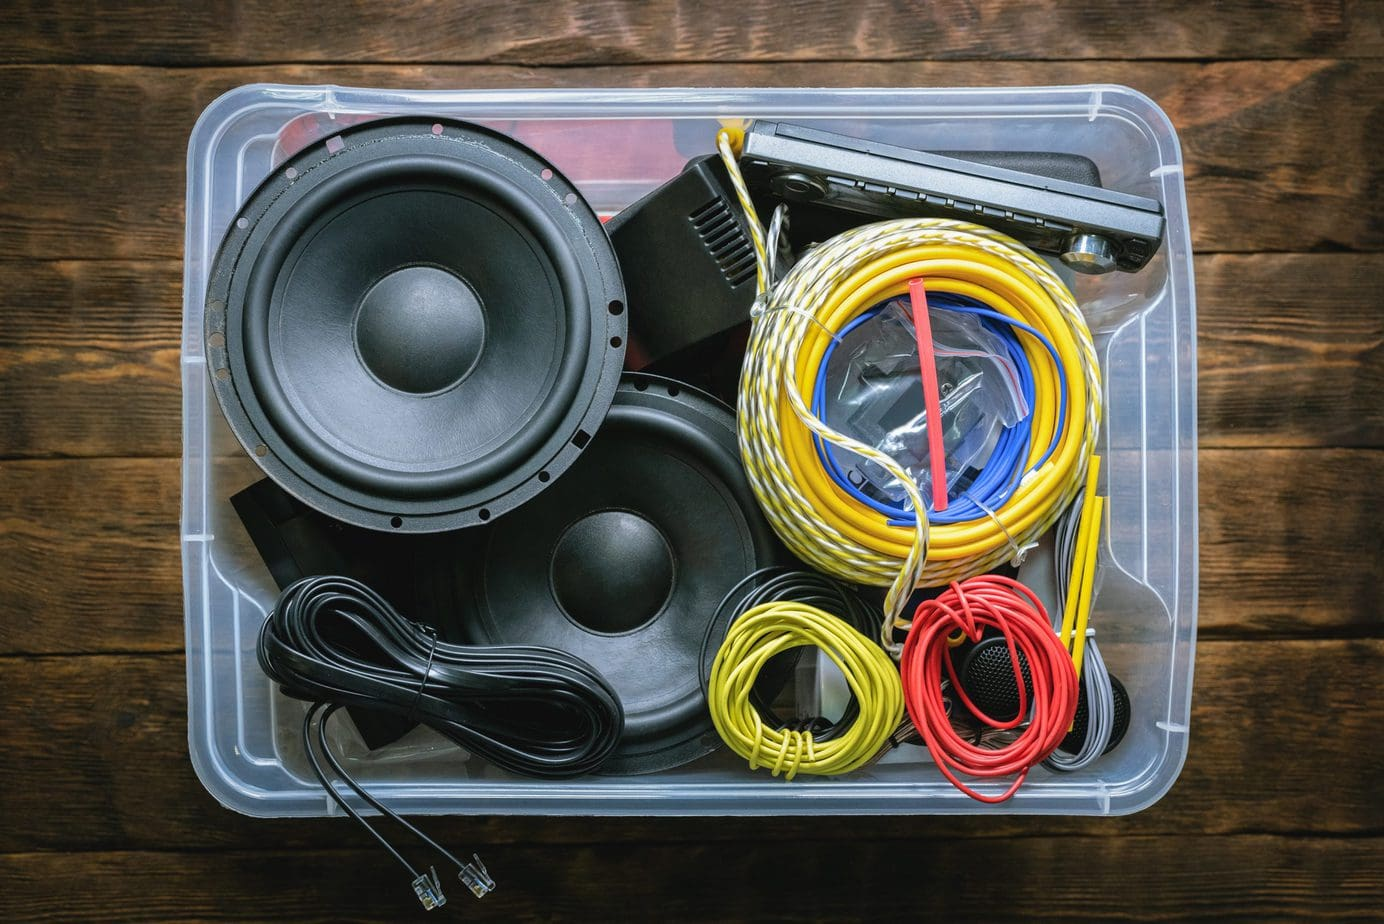 bin of car audio gear